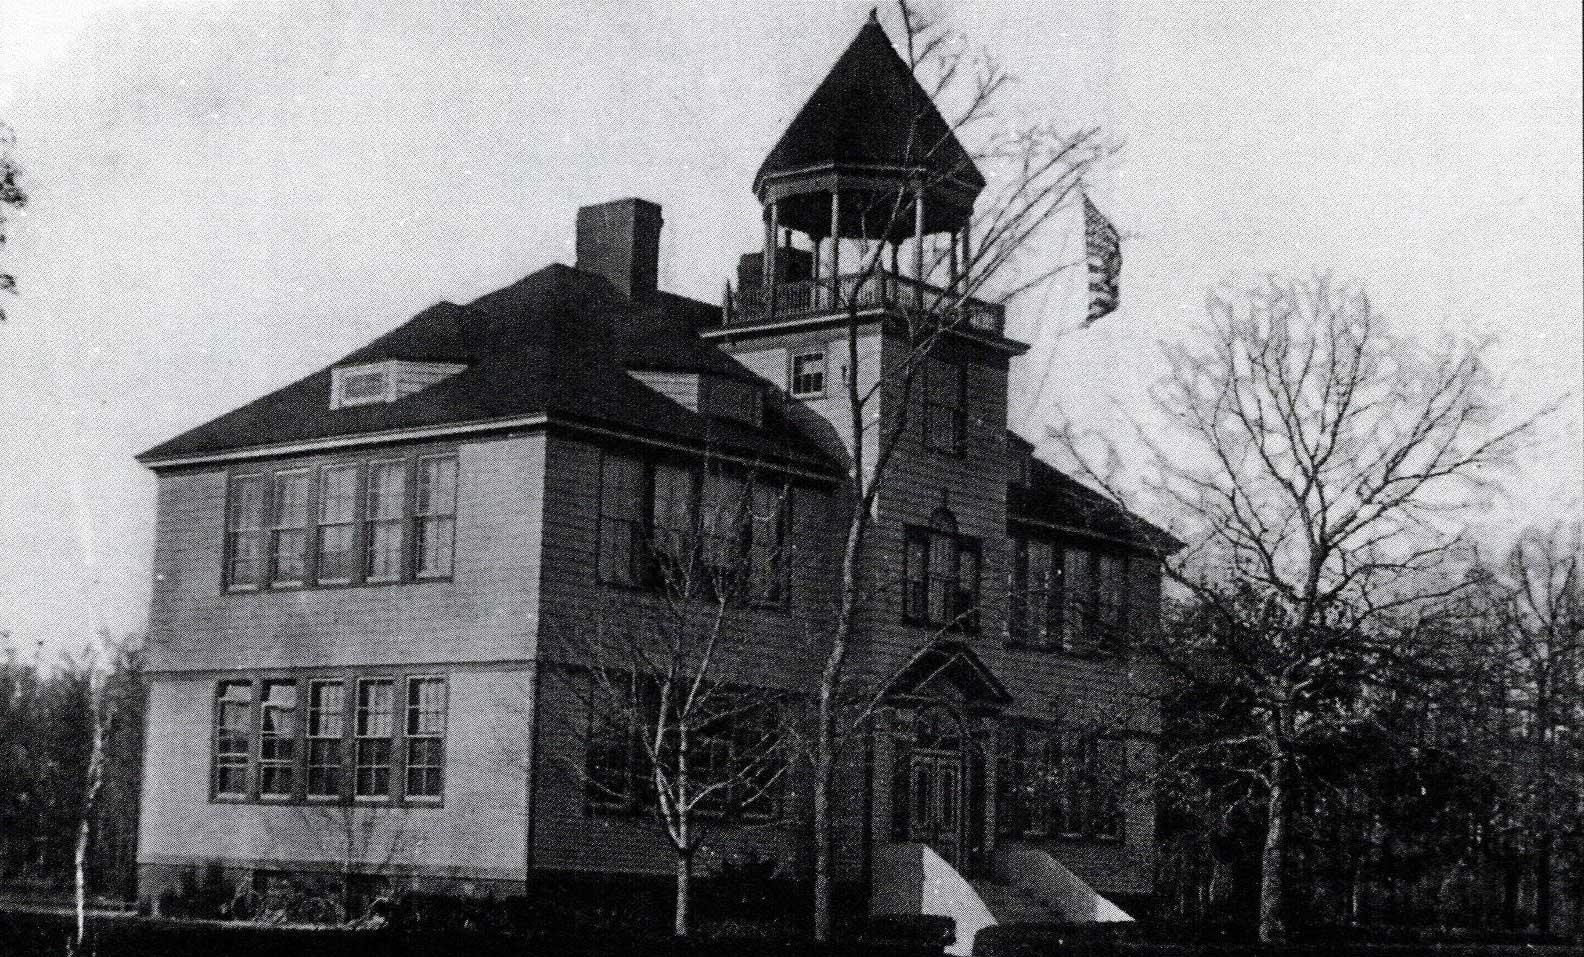 Bayport School